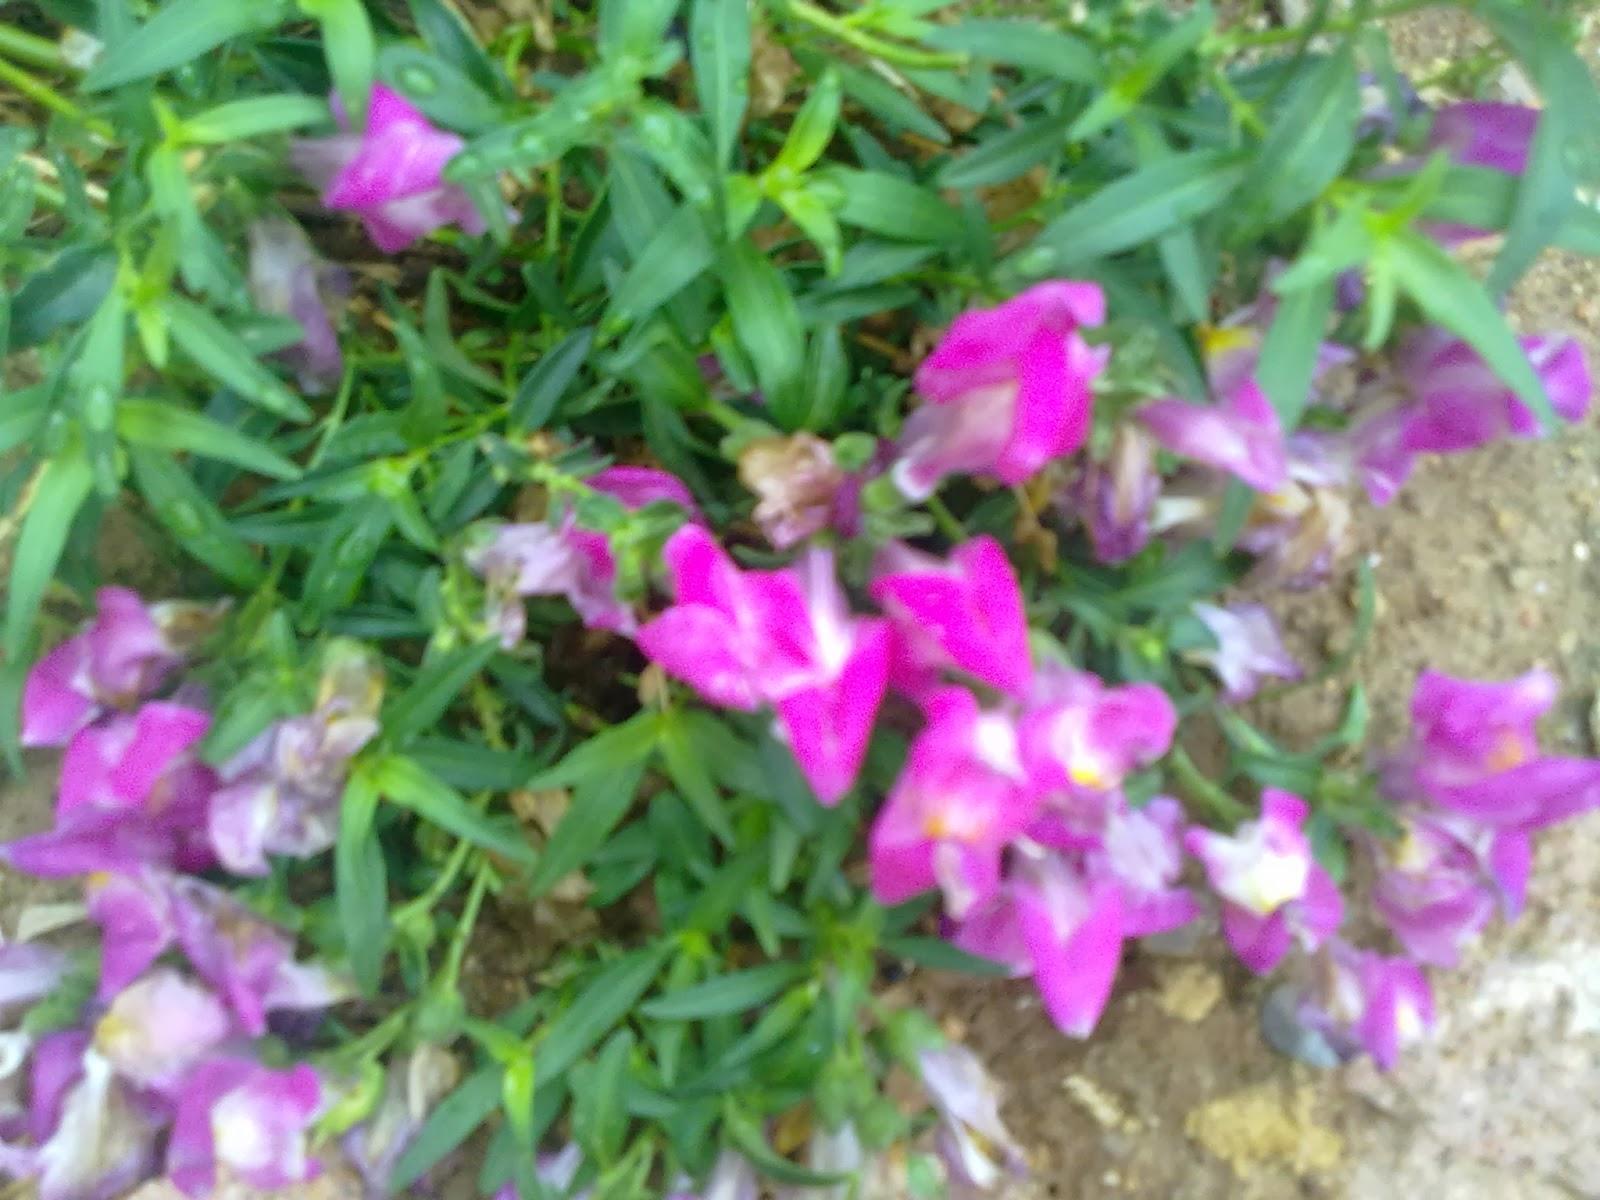 Ver imagenes de flores bonitas - Plantas bonitas de interior ...